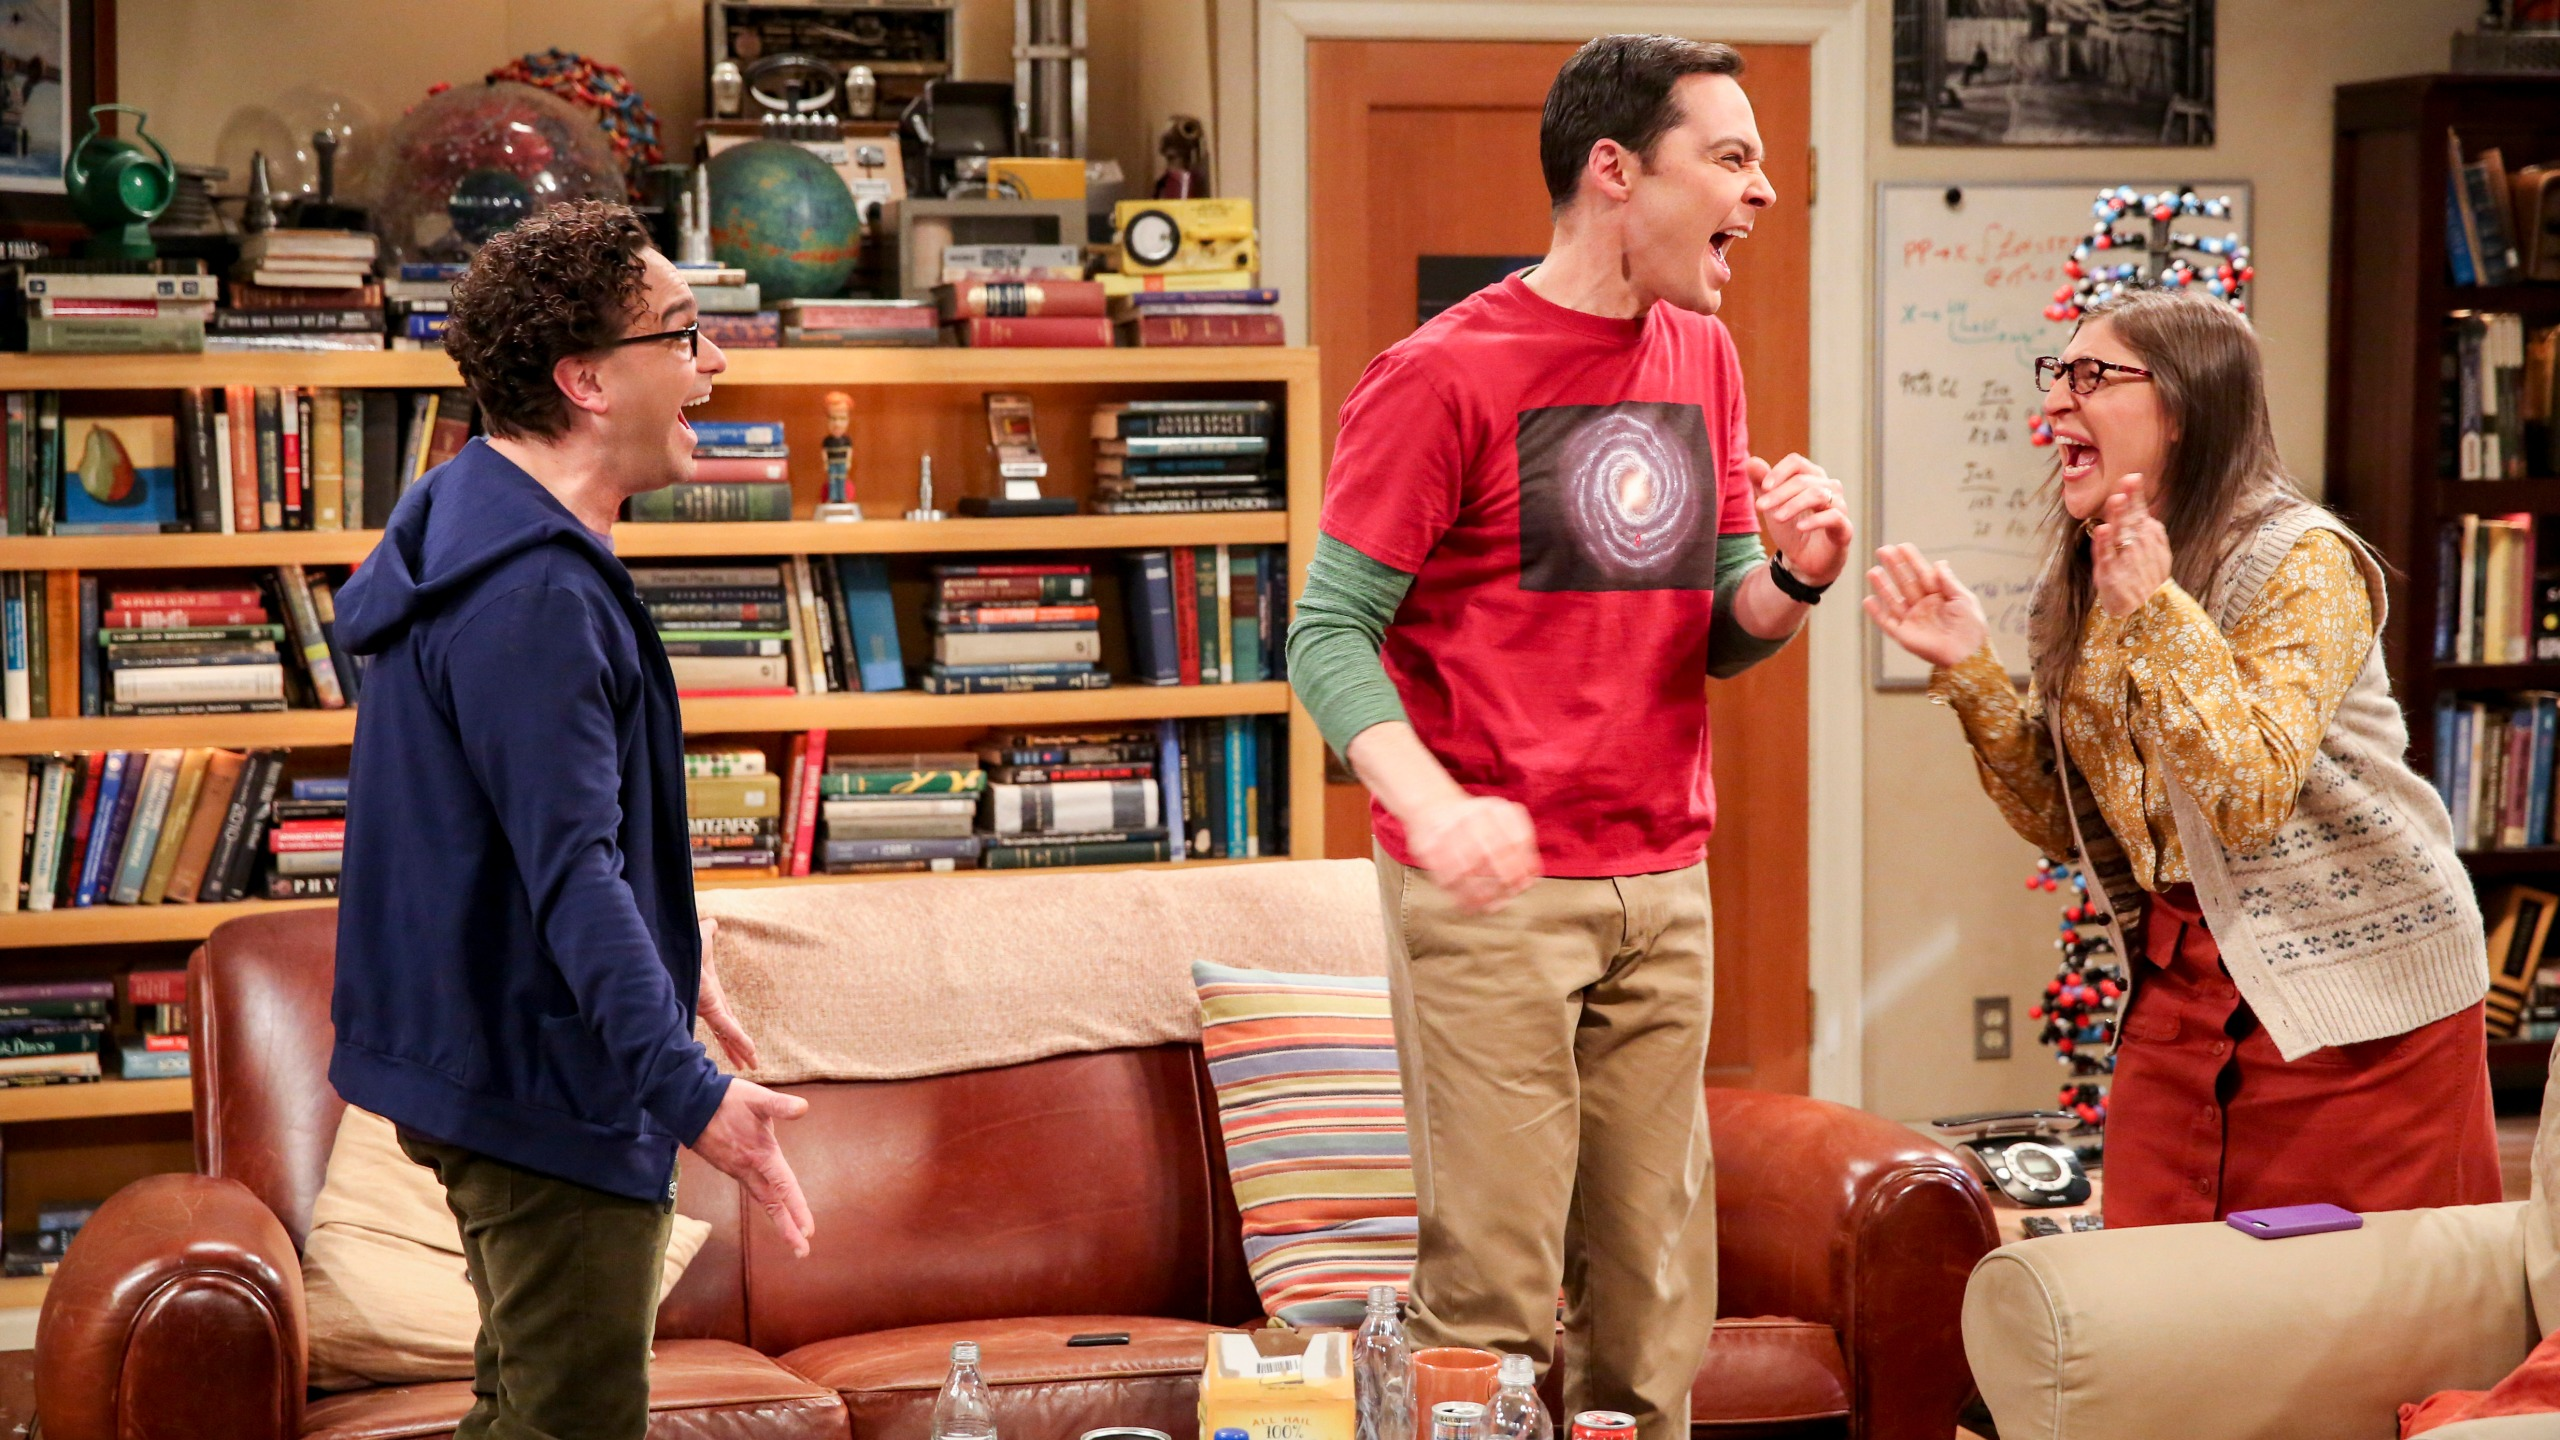 TV_Big_Bang_Theory_Finale_46069-159532.jpg27762562